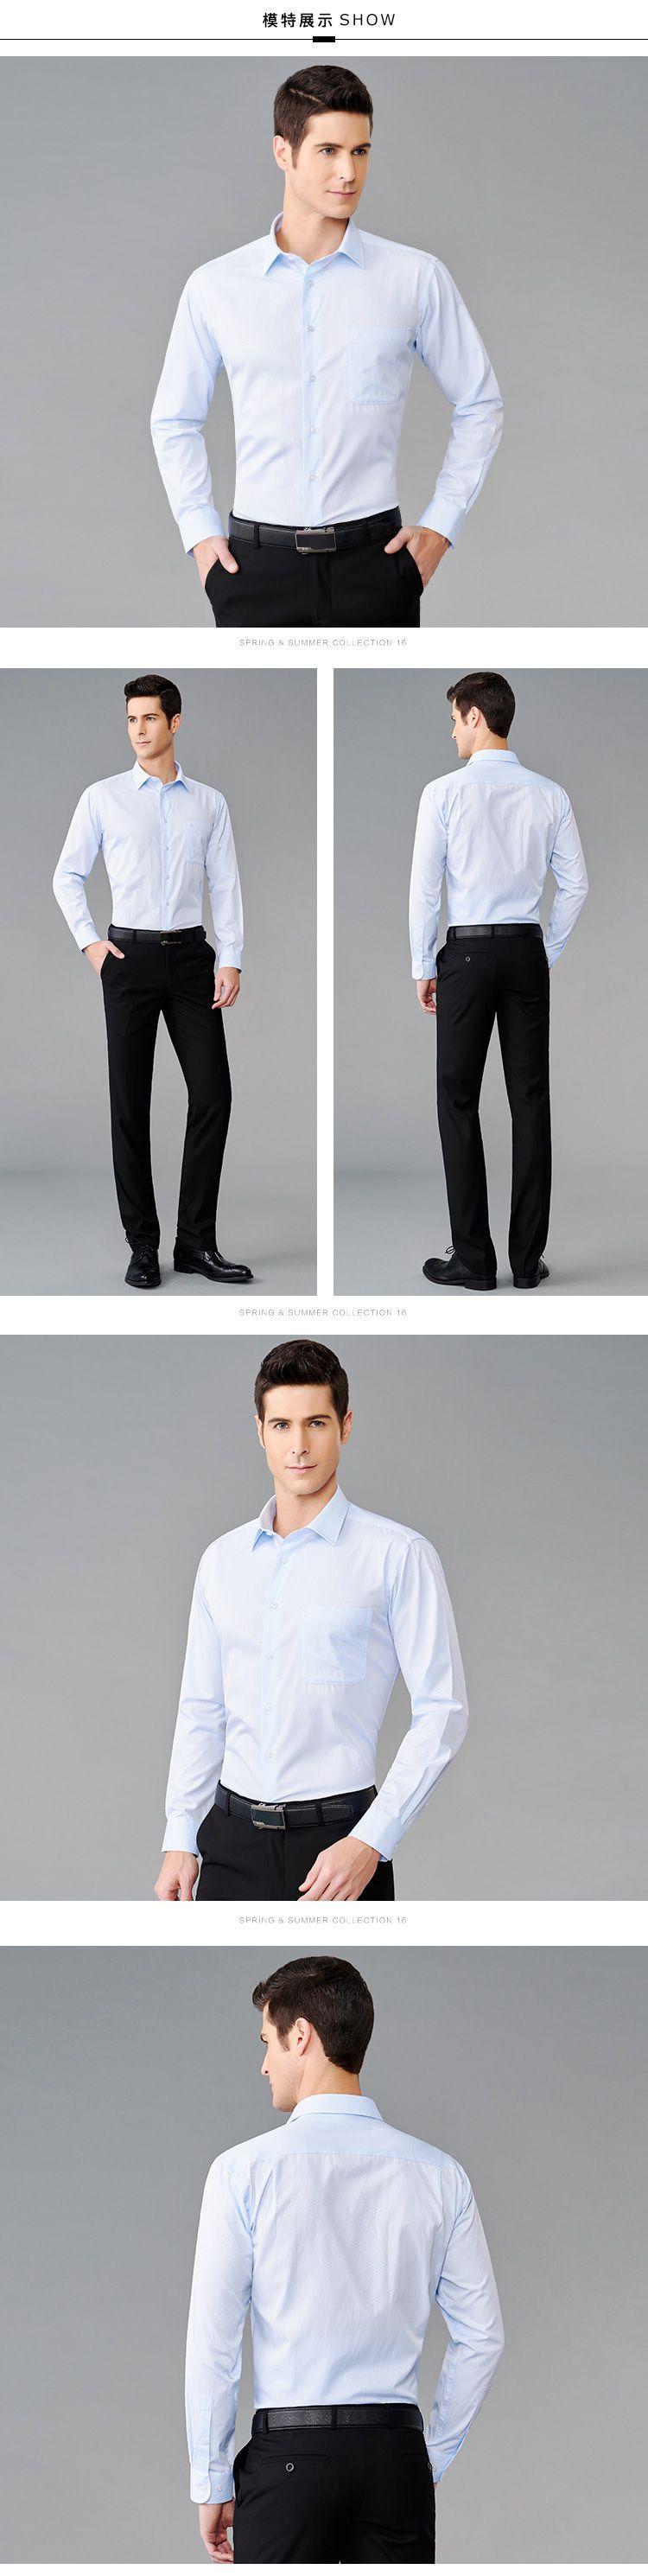 蓝色纯色商务百搭长袖衬衫